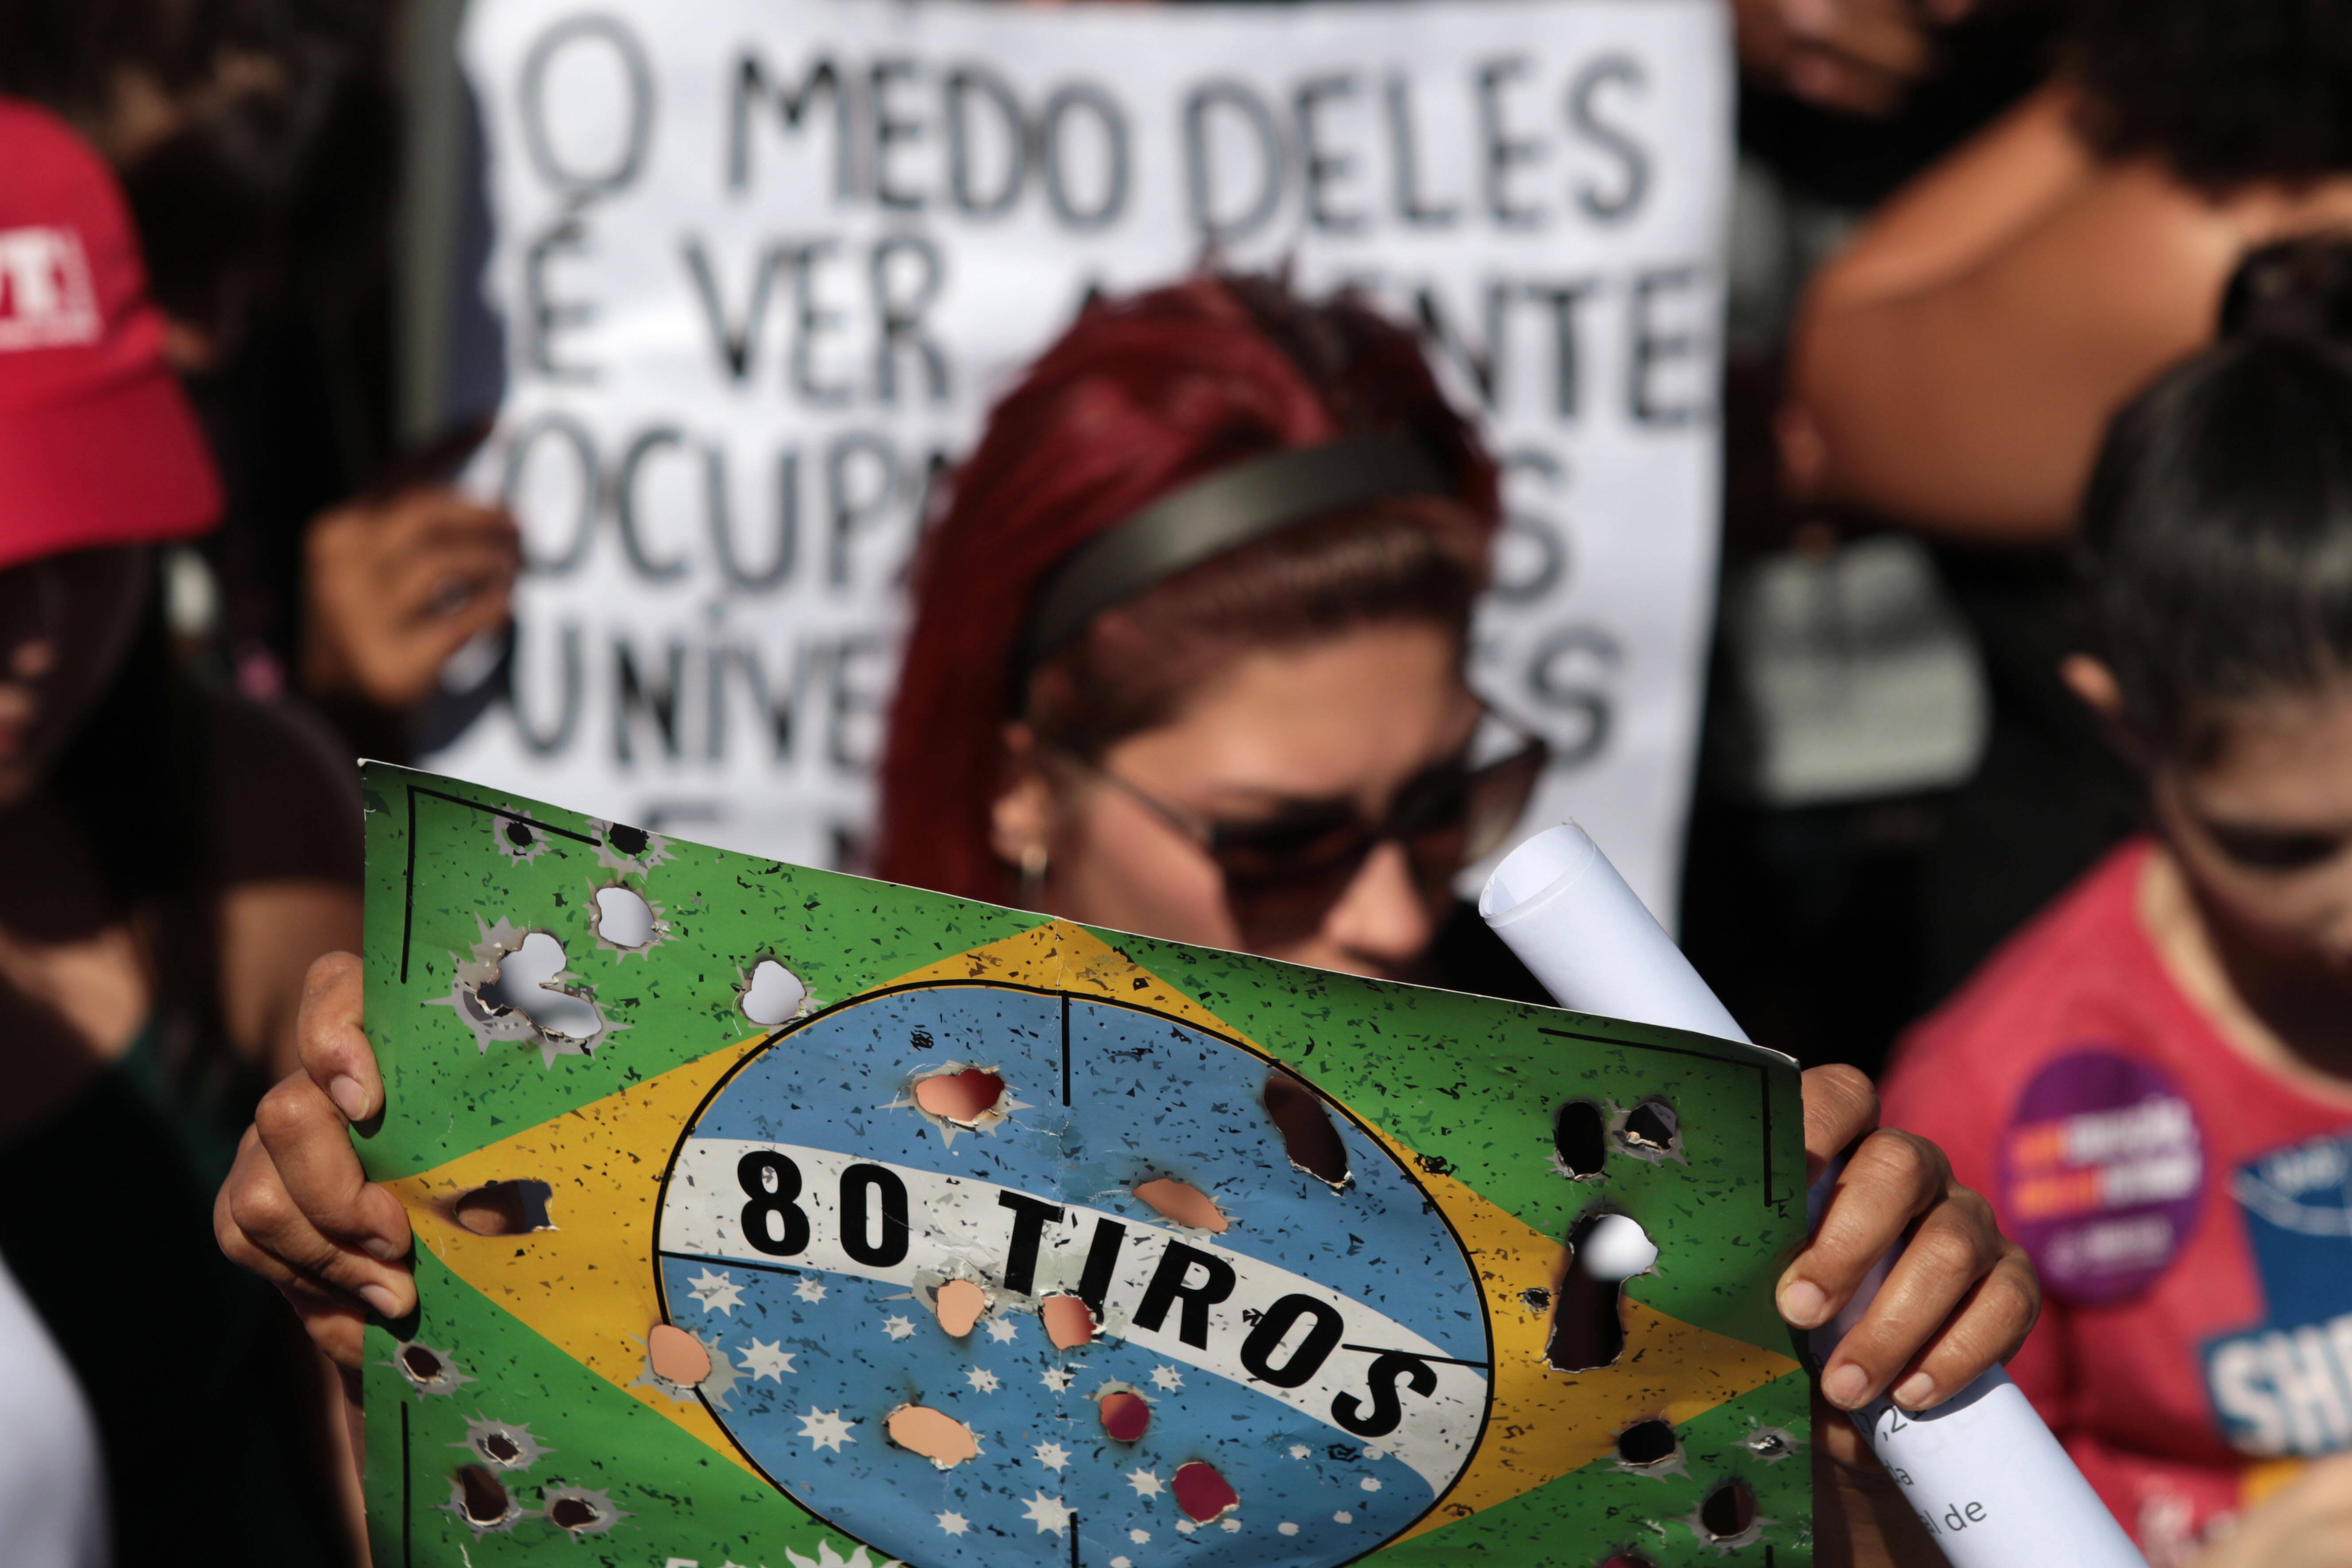 Em Brasília, manifestante levou cartaz lembrando morte de músico e de catador em ação do Exército no Rio de Janeiro. Foto: Claudio Reis/FramePhoto/Agência O Globo - 30.5.19